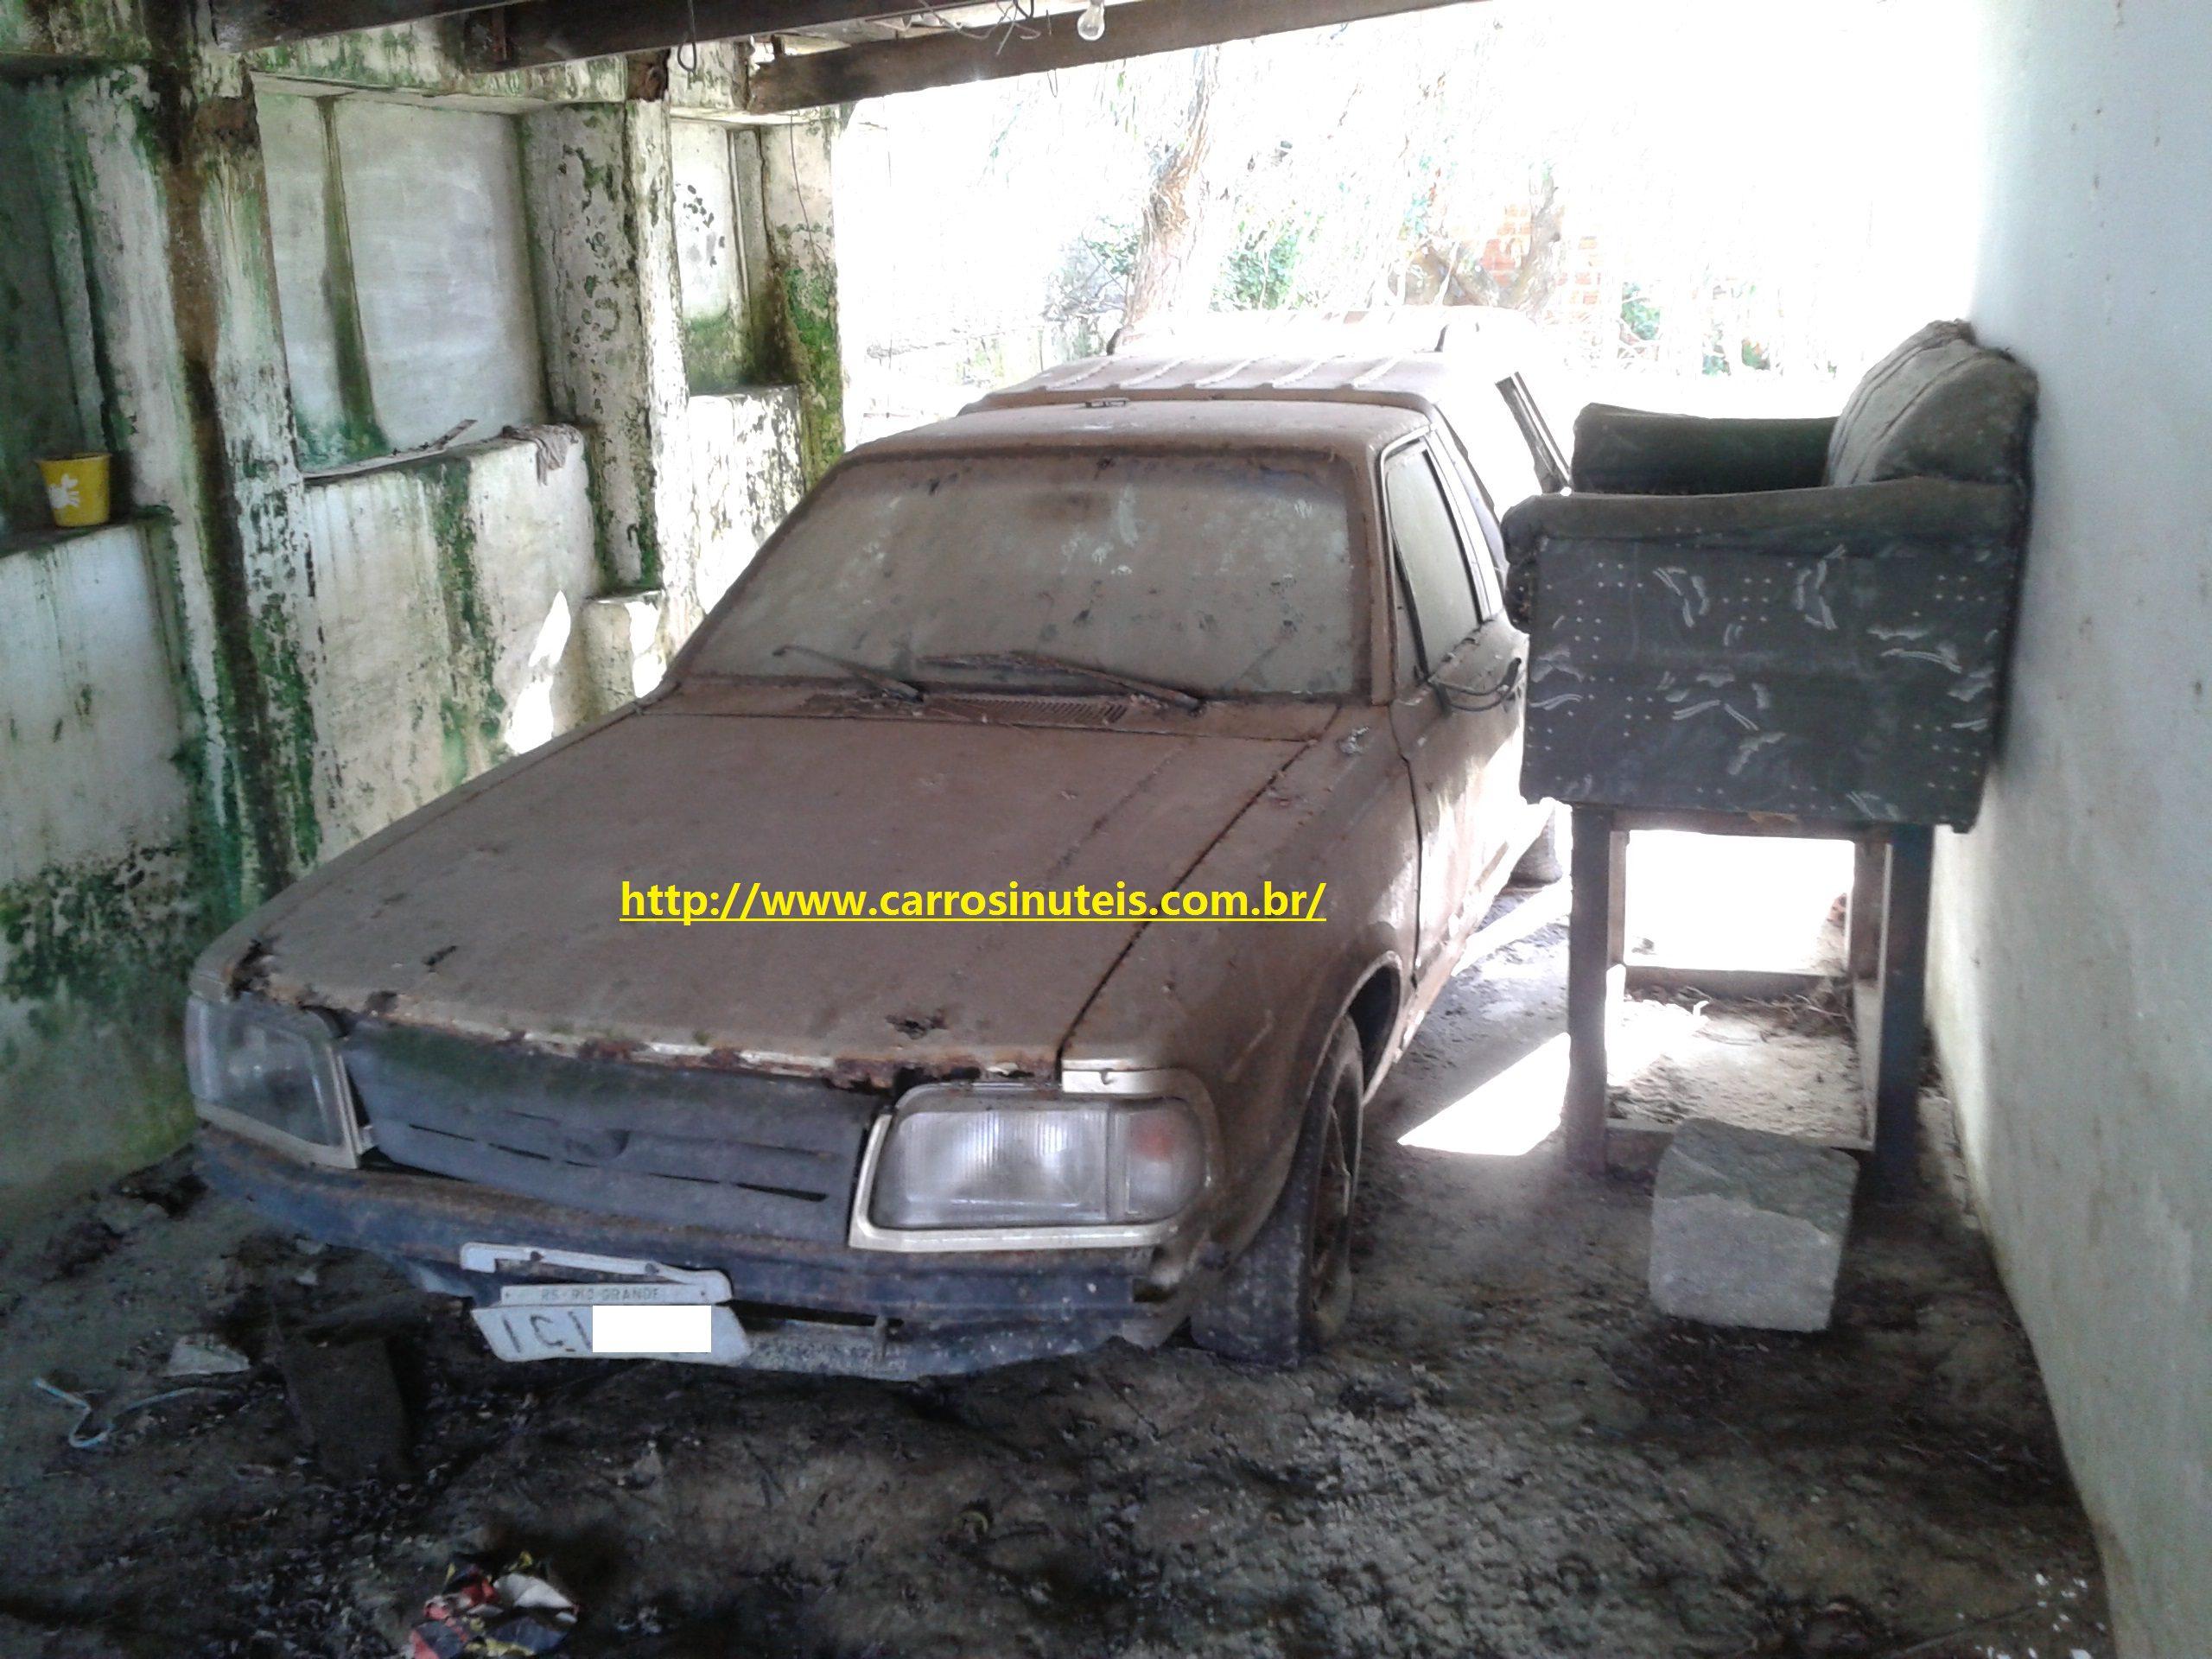 Rogerio-Klassen-Pampa-RIO-GRANDE-RS Ford Pampa, Rio Grande, RS. Rogério